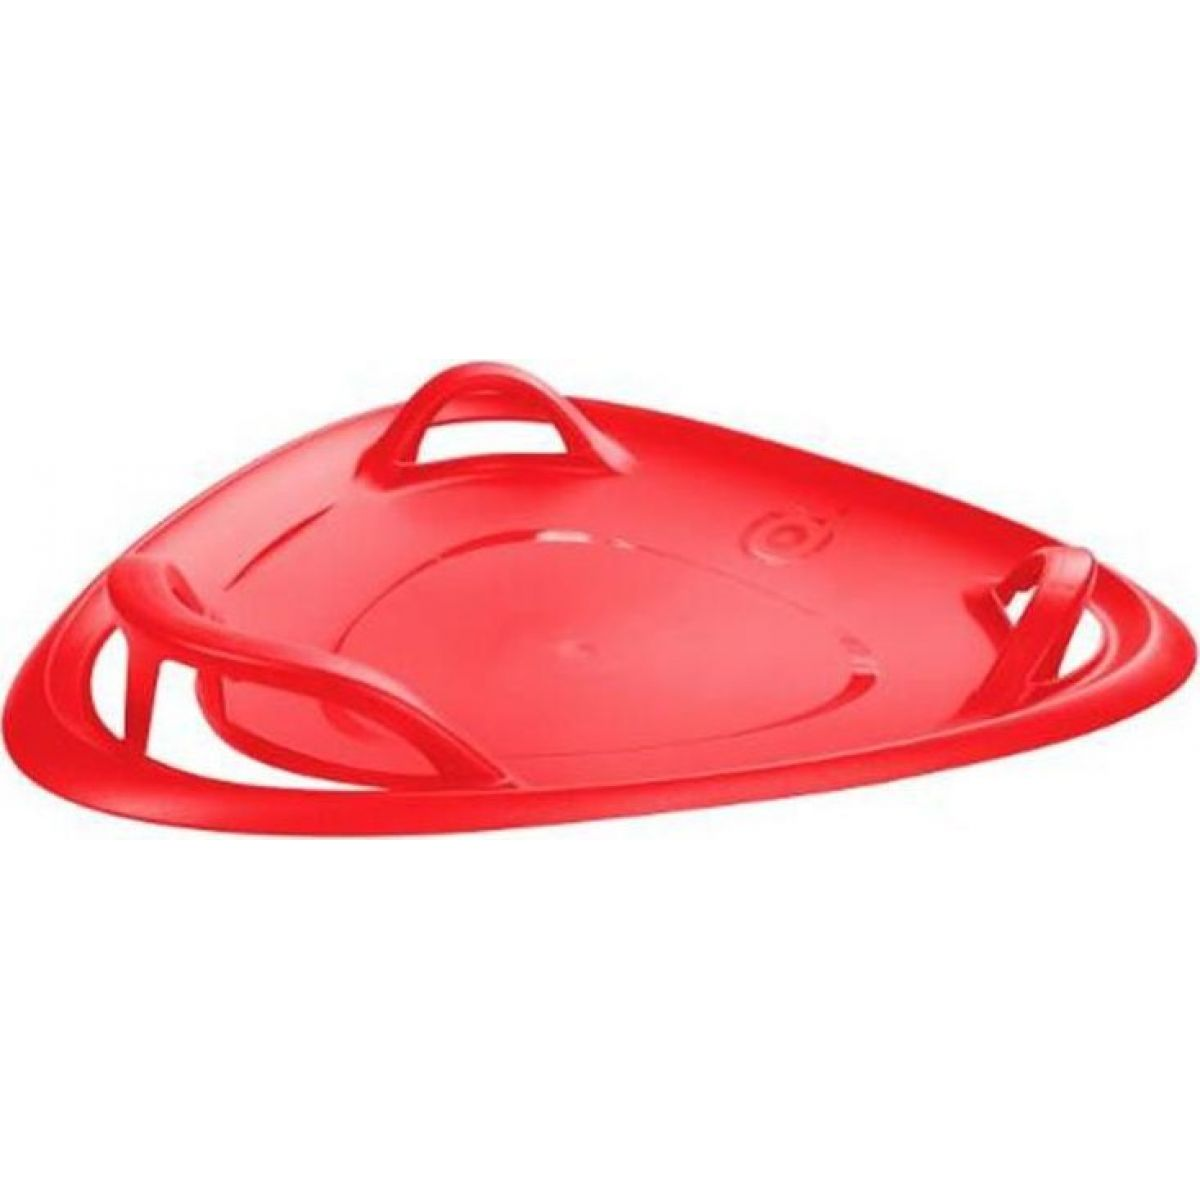 Plastkon Meteor Kluzák 70 červený